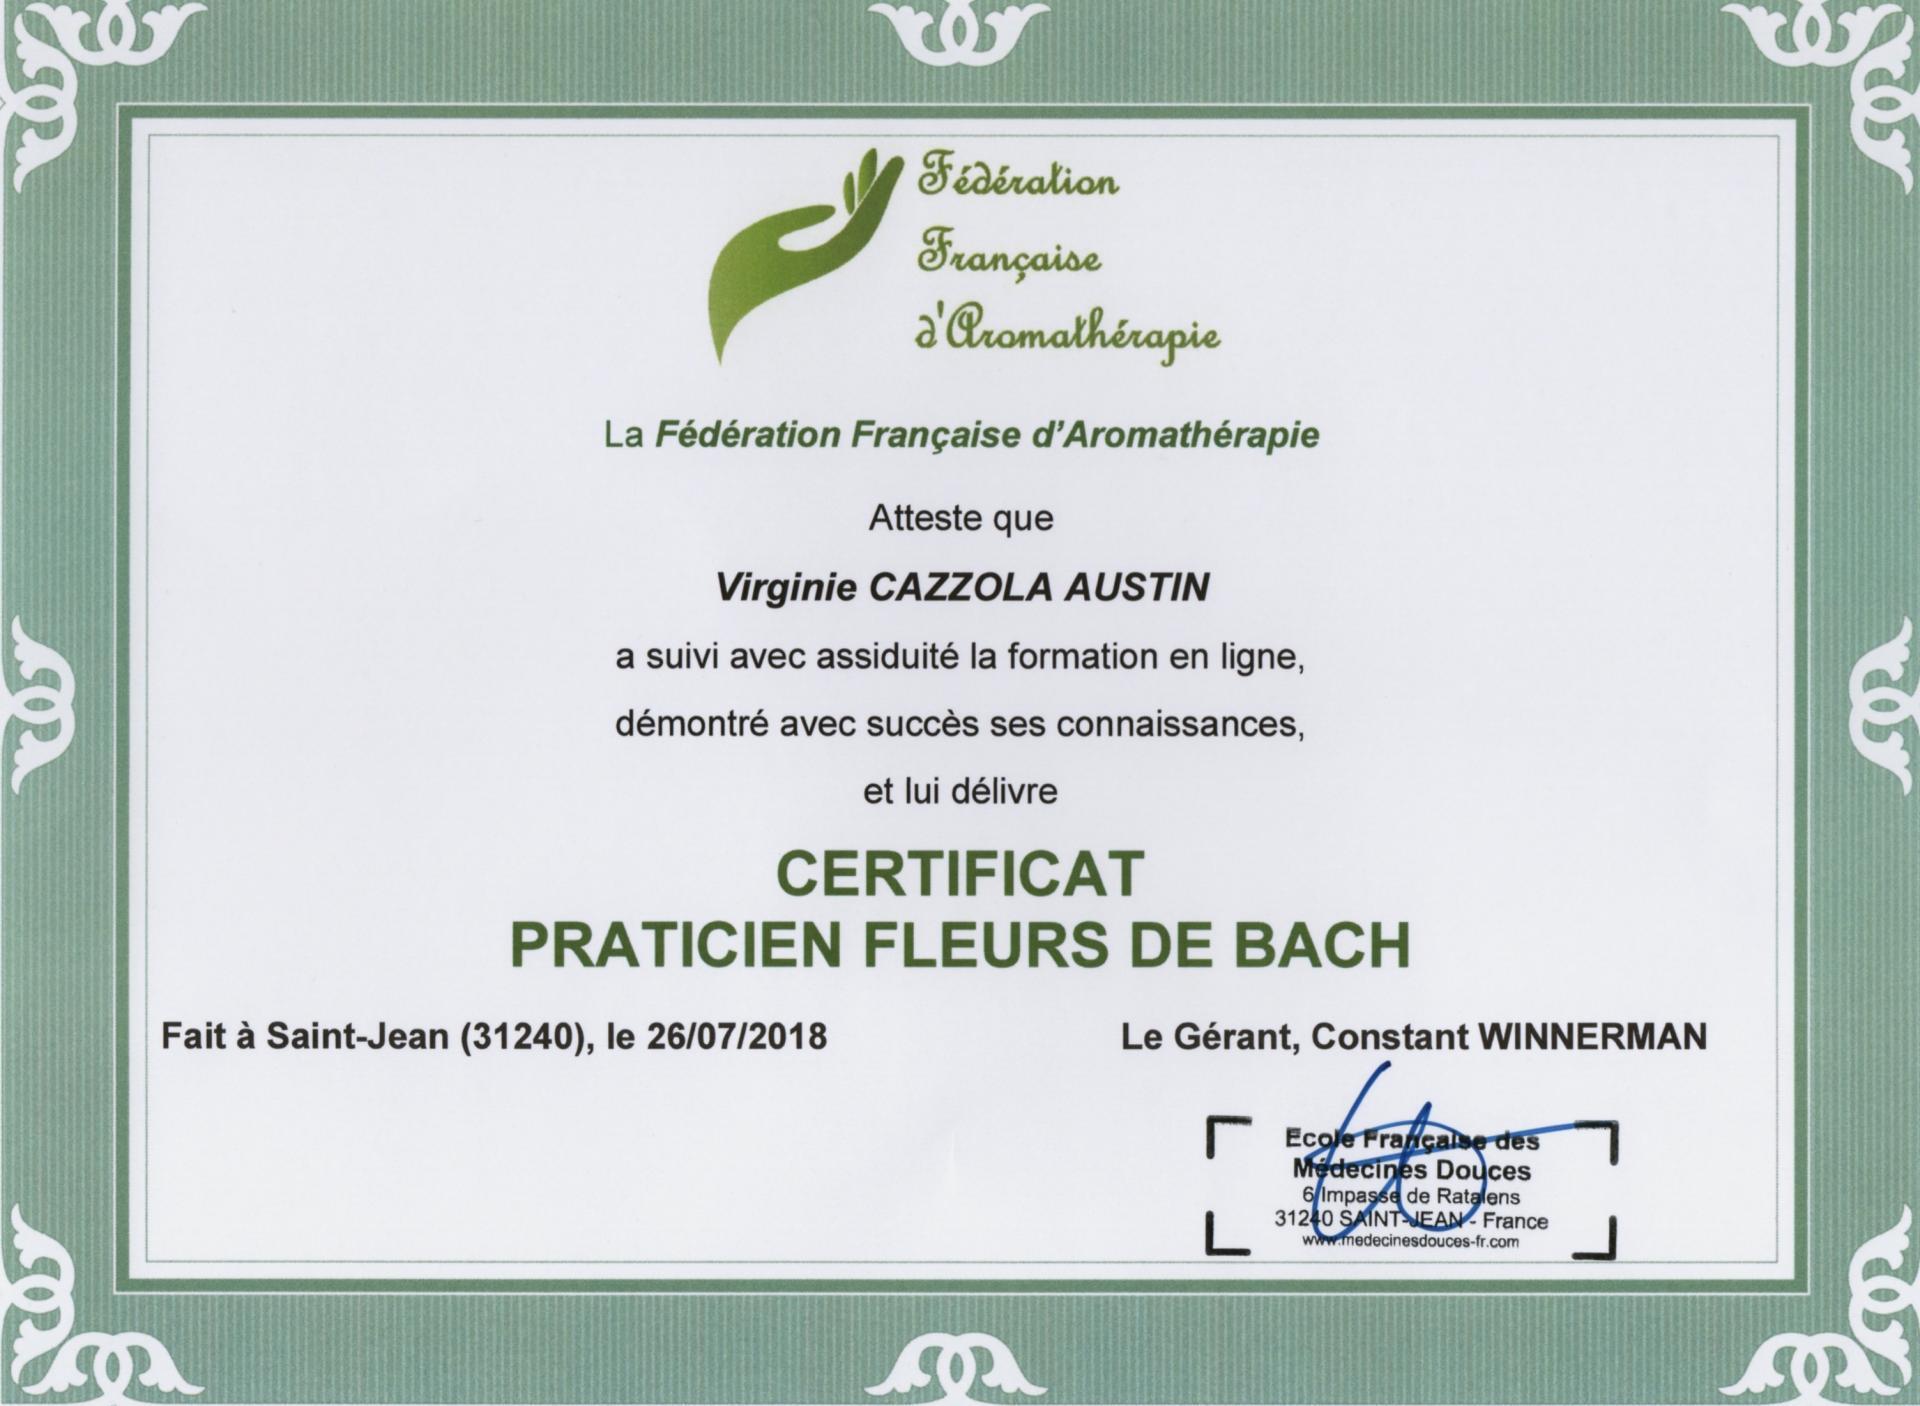 Certificat PRATICIEN FLEURS DE BACH